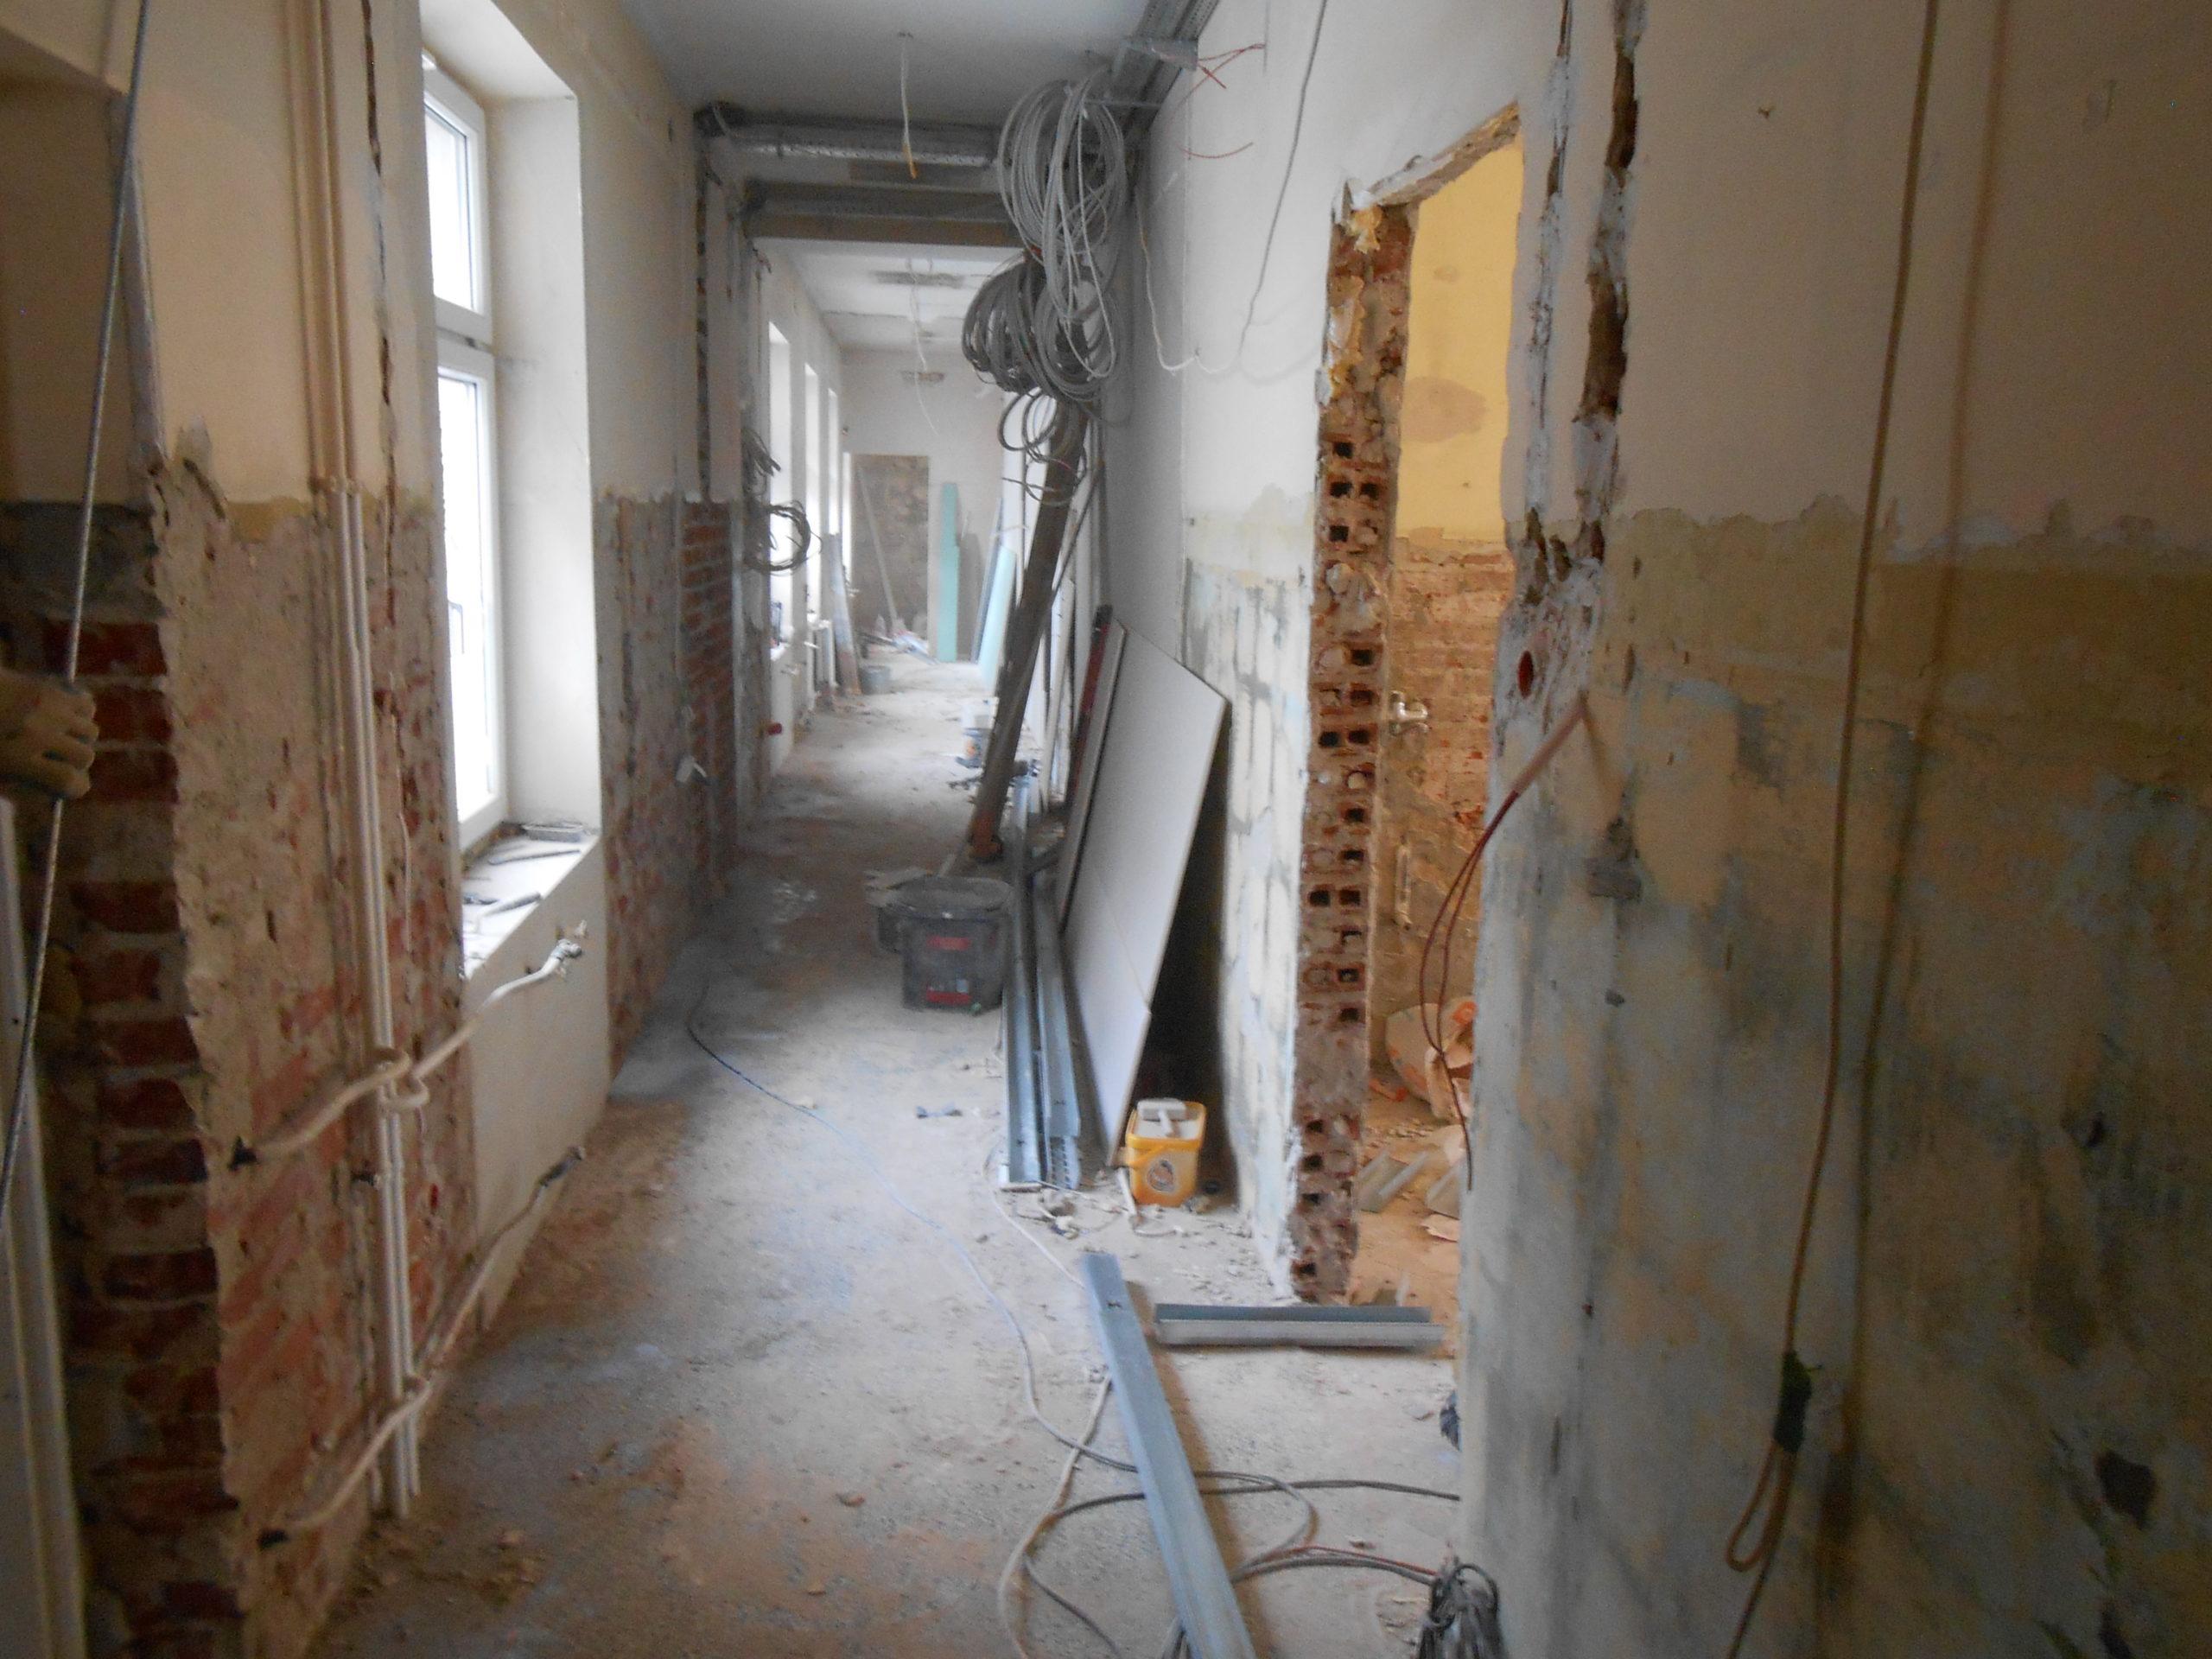 Remont Oddziału Pulmonologicznego z przeznaczeniem na Poradnie Urazowo - Ortopedyczną. Zburzone ściany, sciągnięte płytki z posadzek, wymiana elektryki, wiszące kable.